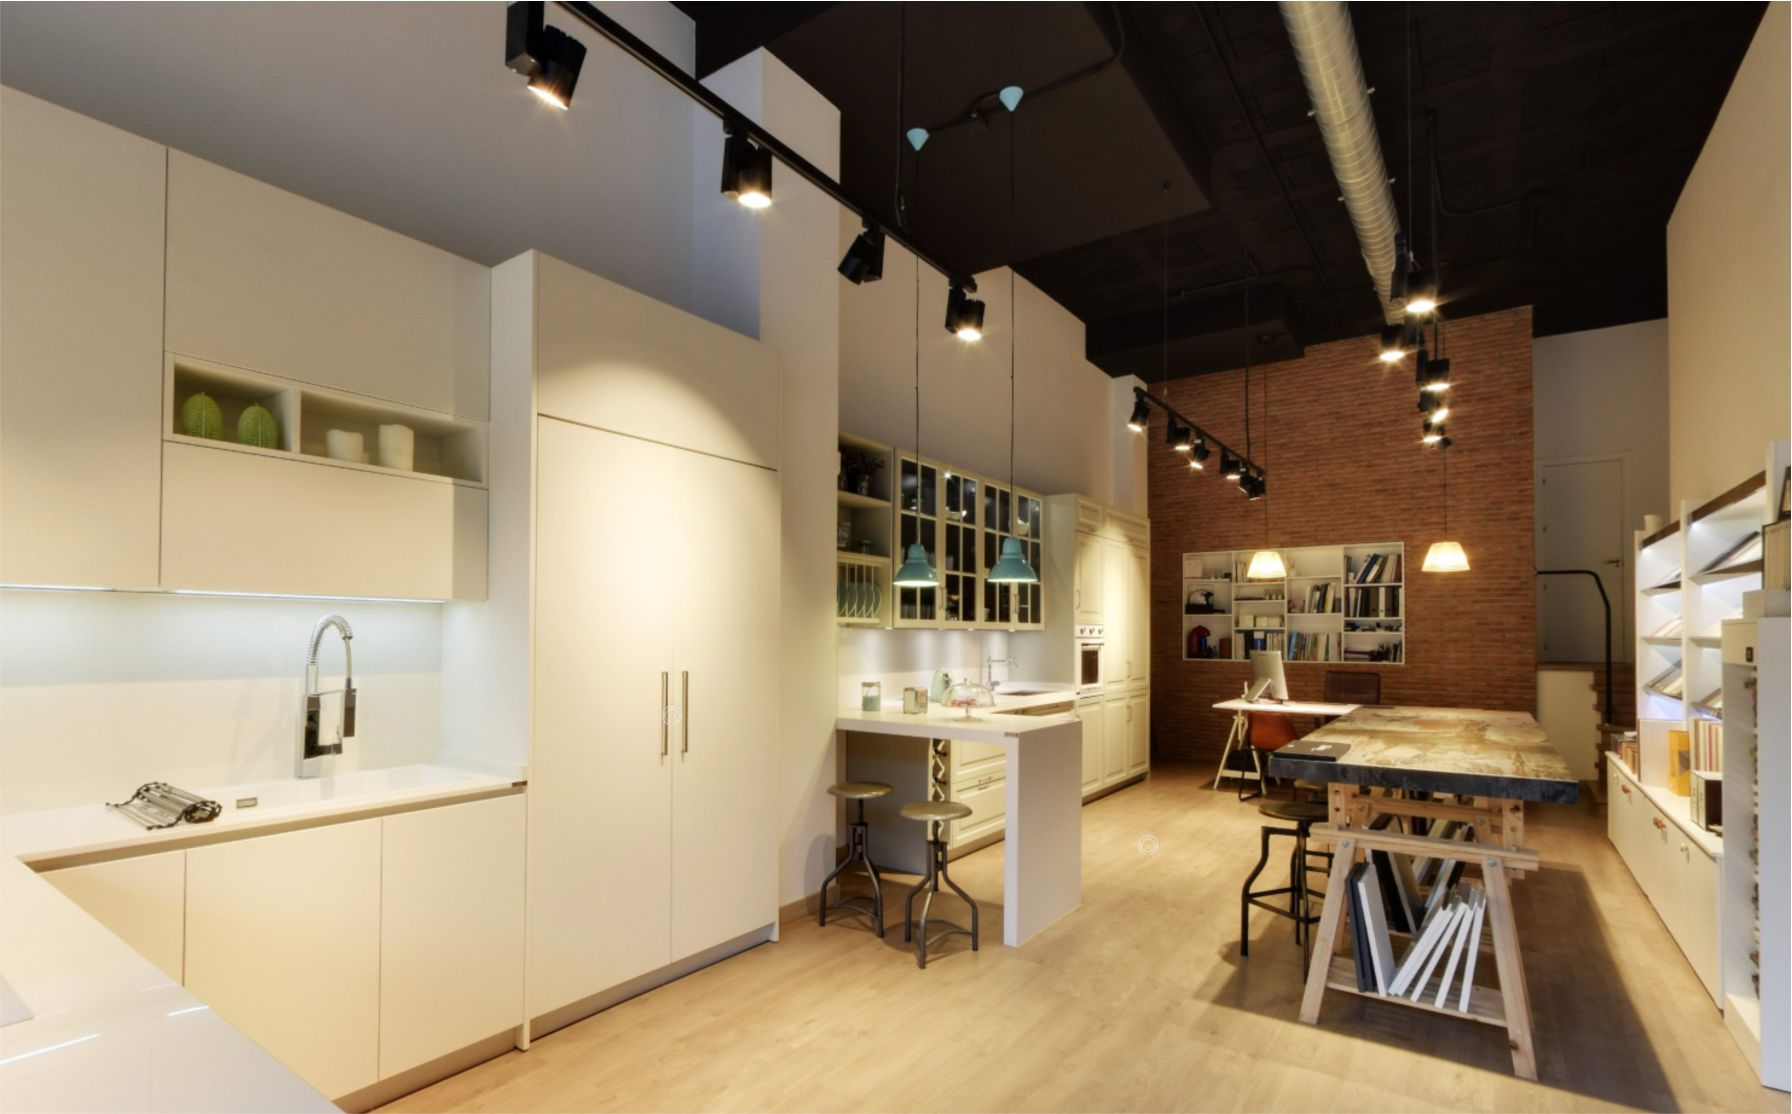 Luz color 2000 empresa de iluminaci n proyectos de - Luminarias para cocinas ...